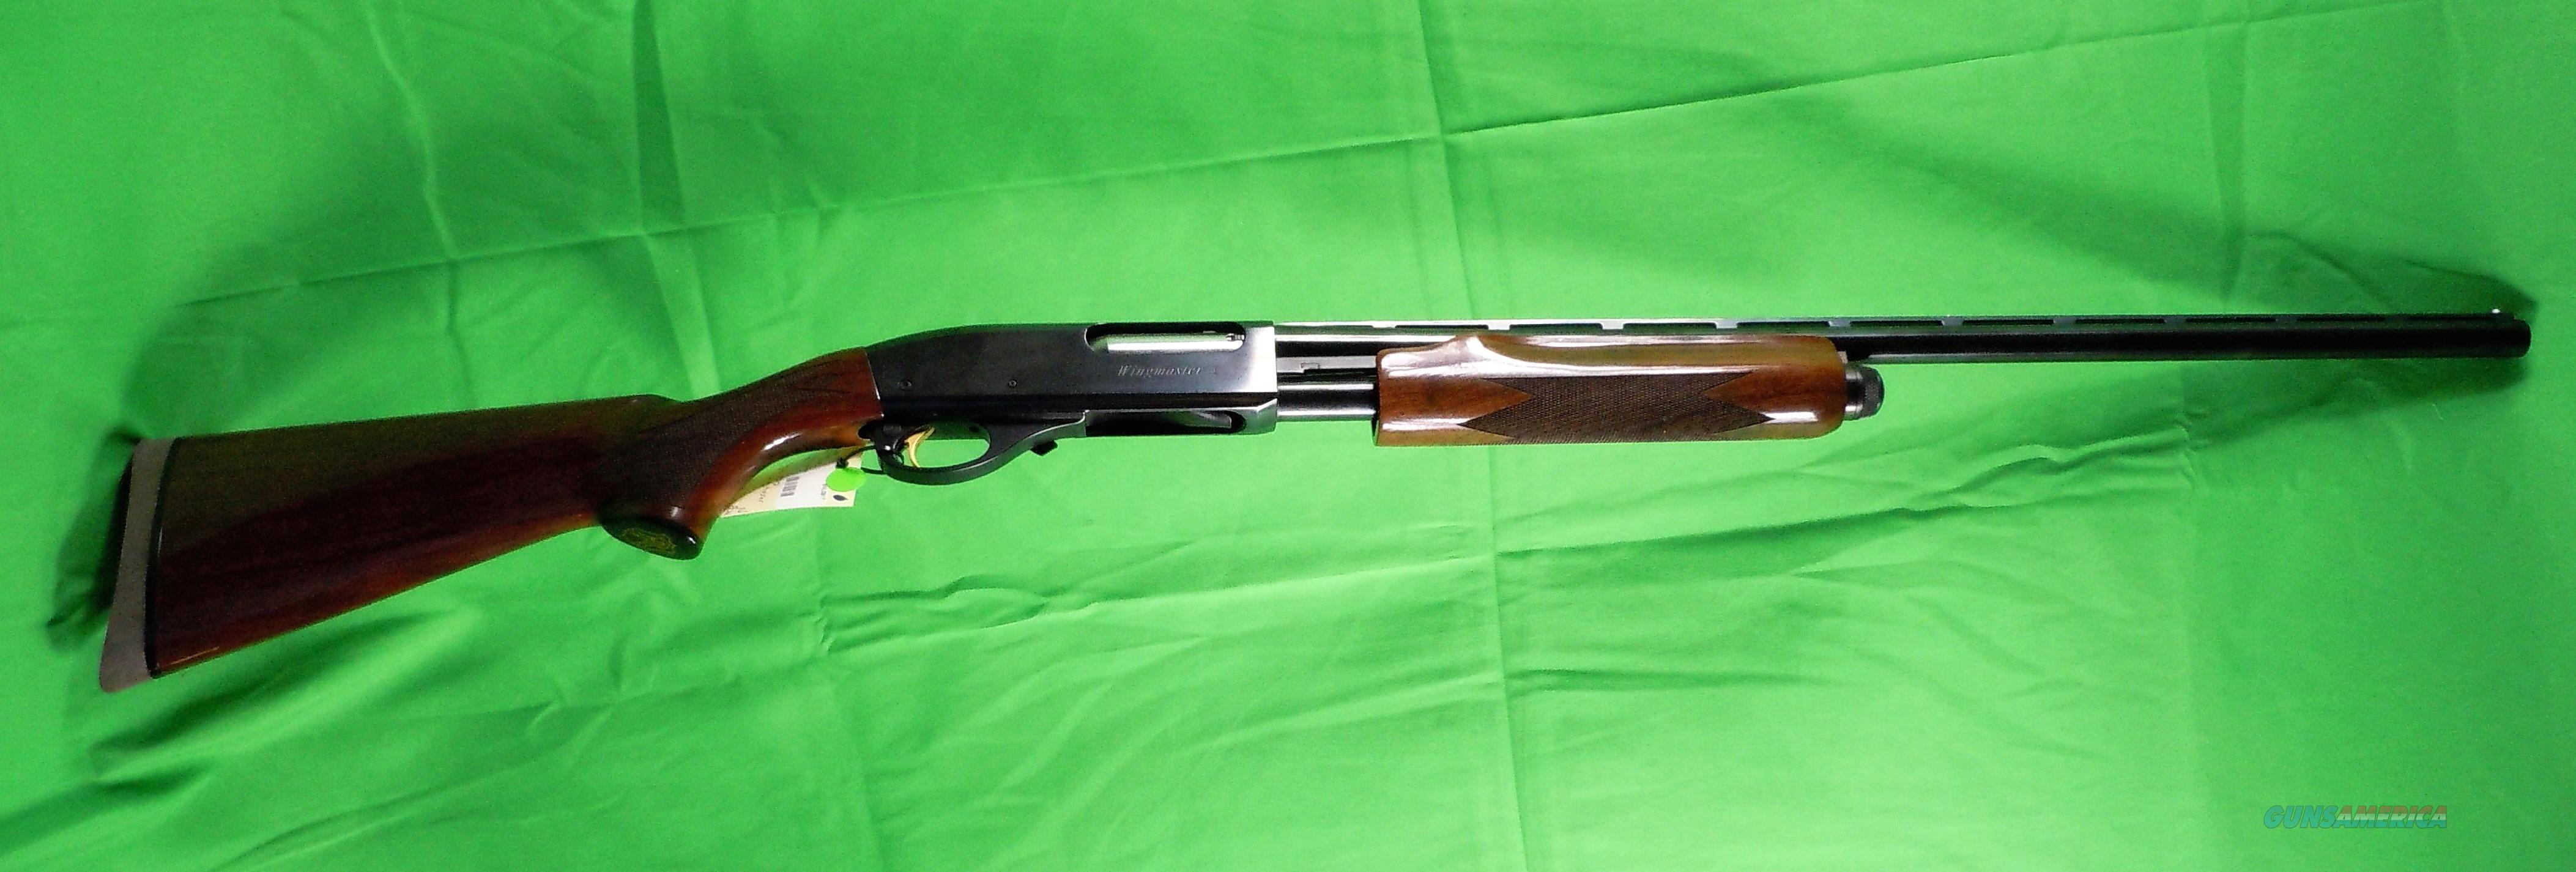 Remington 870 Wingmaster 20 Gauge Bicentennial   Guns > Shotguns > Remington Shotguns  > Single Barrel